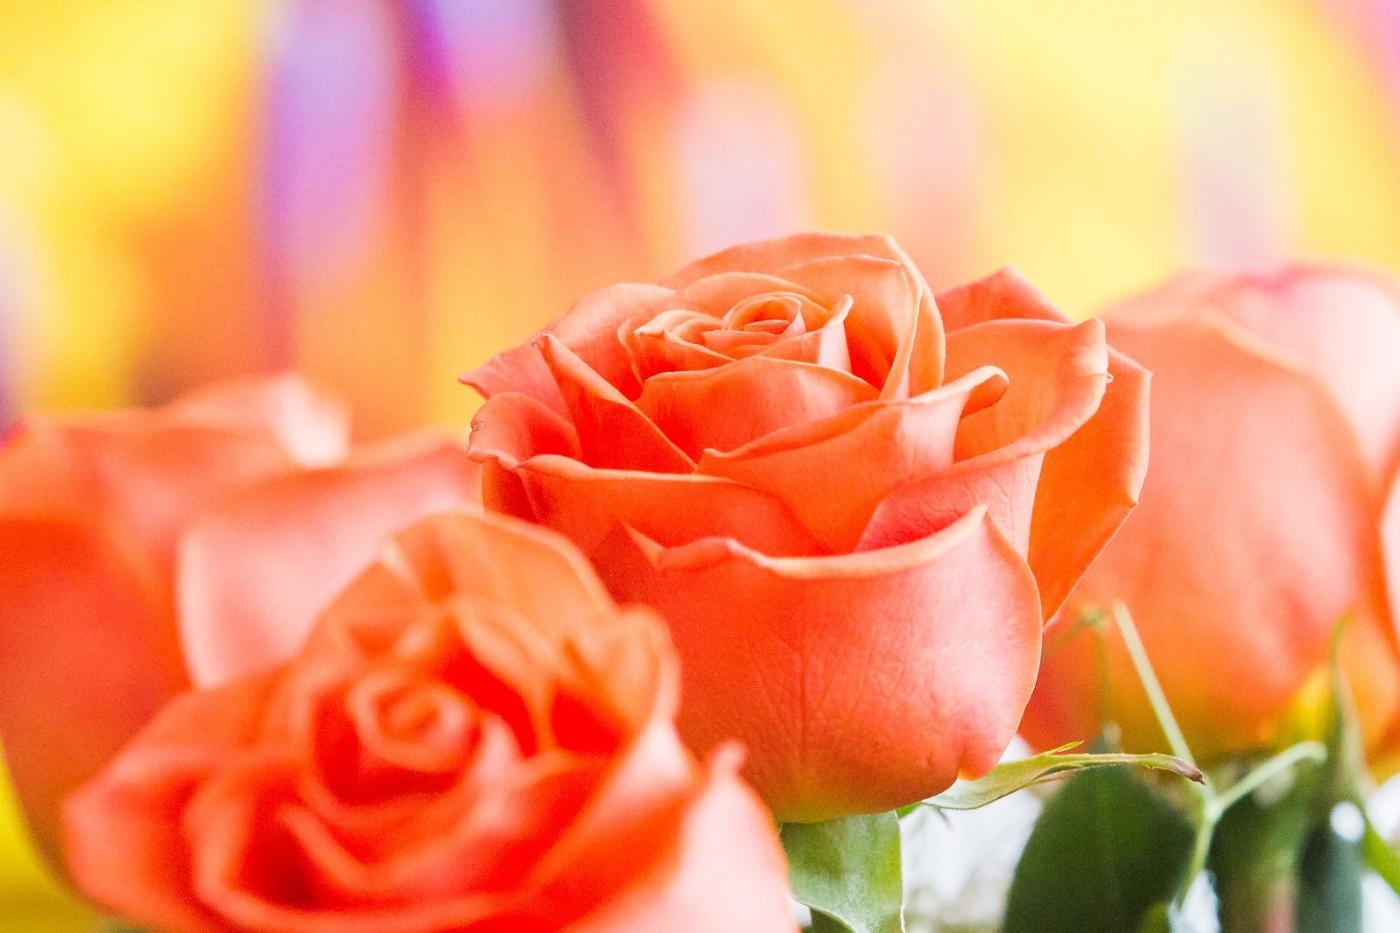 情人节你送花了吗?_图1-2